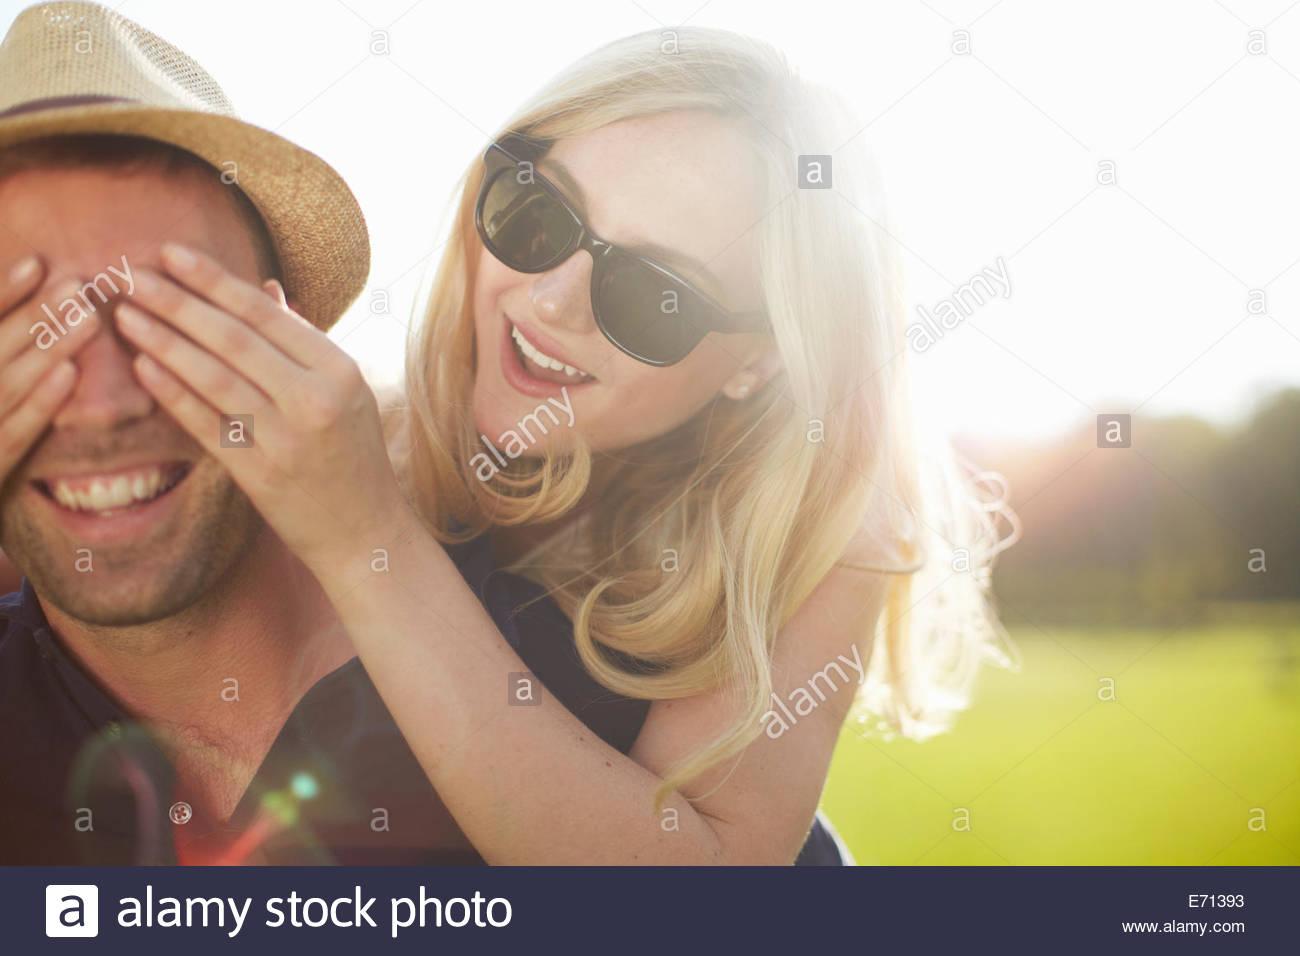 Junge Frau von Freund die Augen im park Stockbild